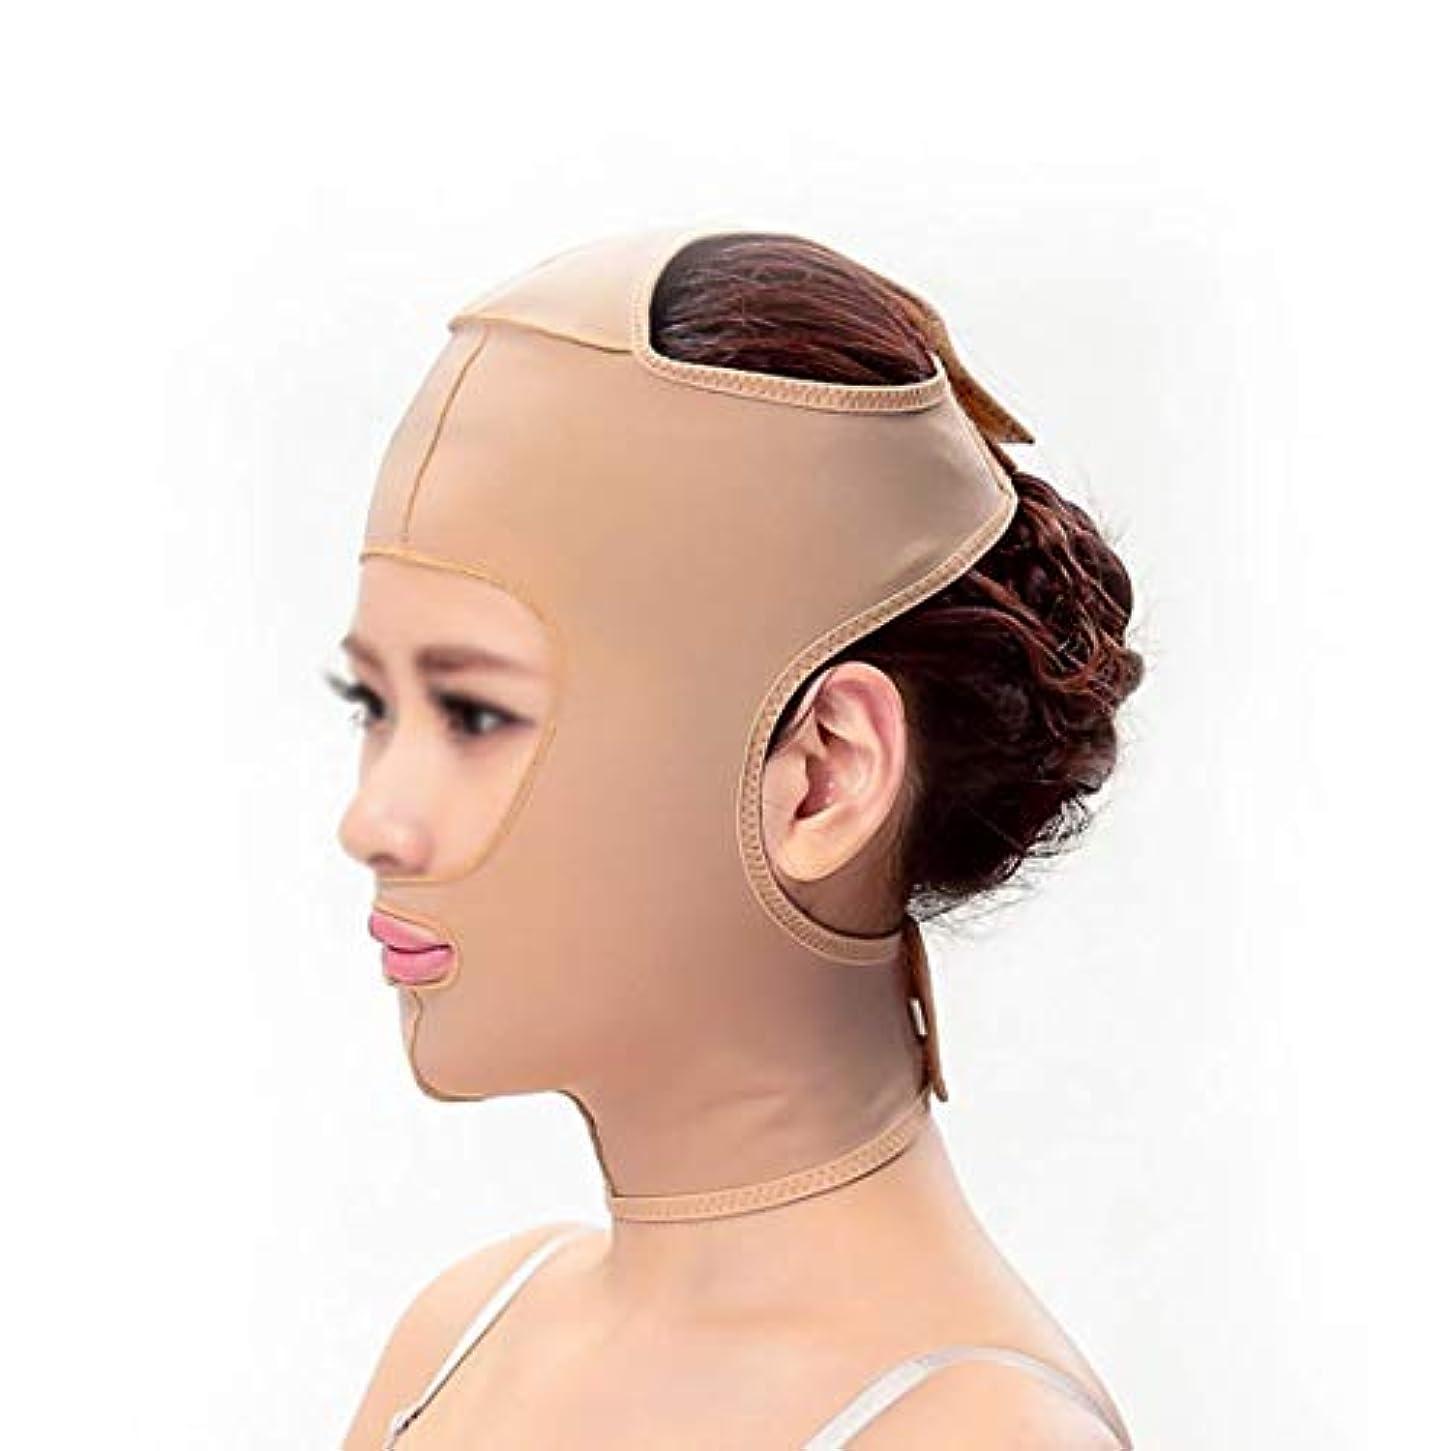 ラリーベルモントかき混ぜる理論スリミングベルト、フェイシャルマスクフェイスマスクフェイスプラスチック顔アーティファクト強力な顔の包帯を引き締めるダブルあごを持ち上げるパターンを布布する(サイズ:Xl)